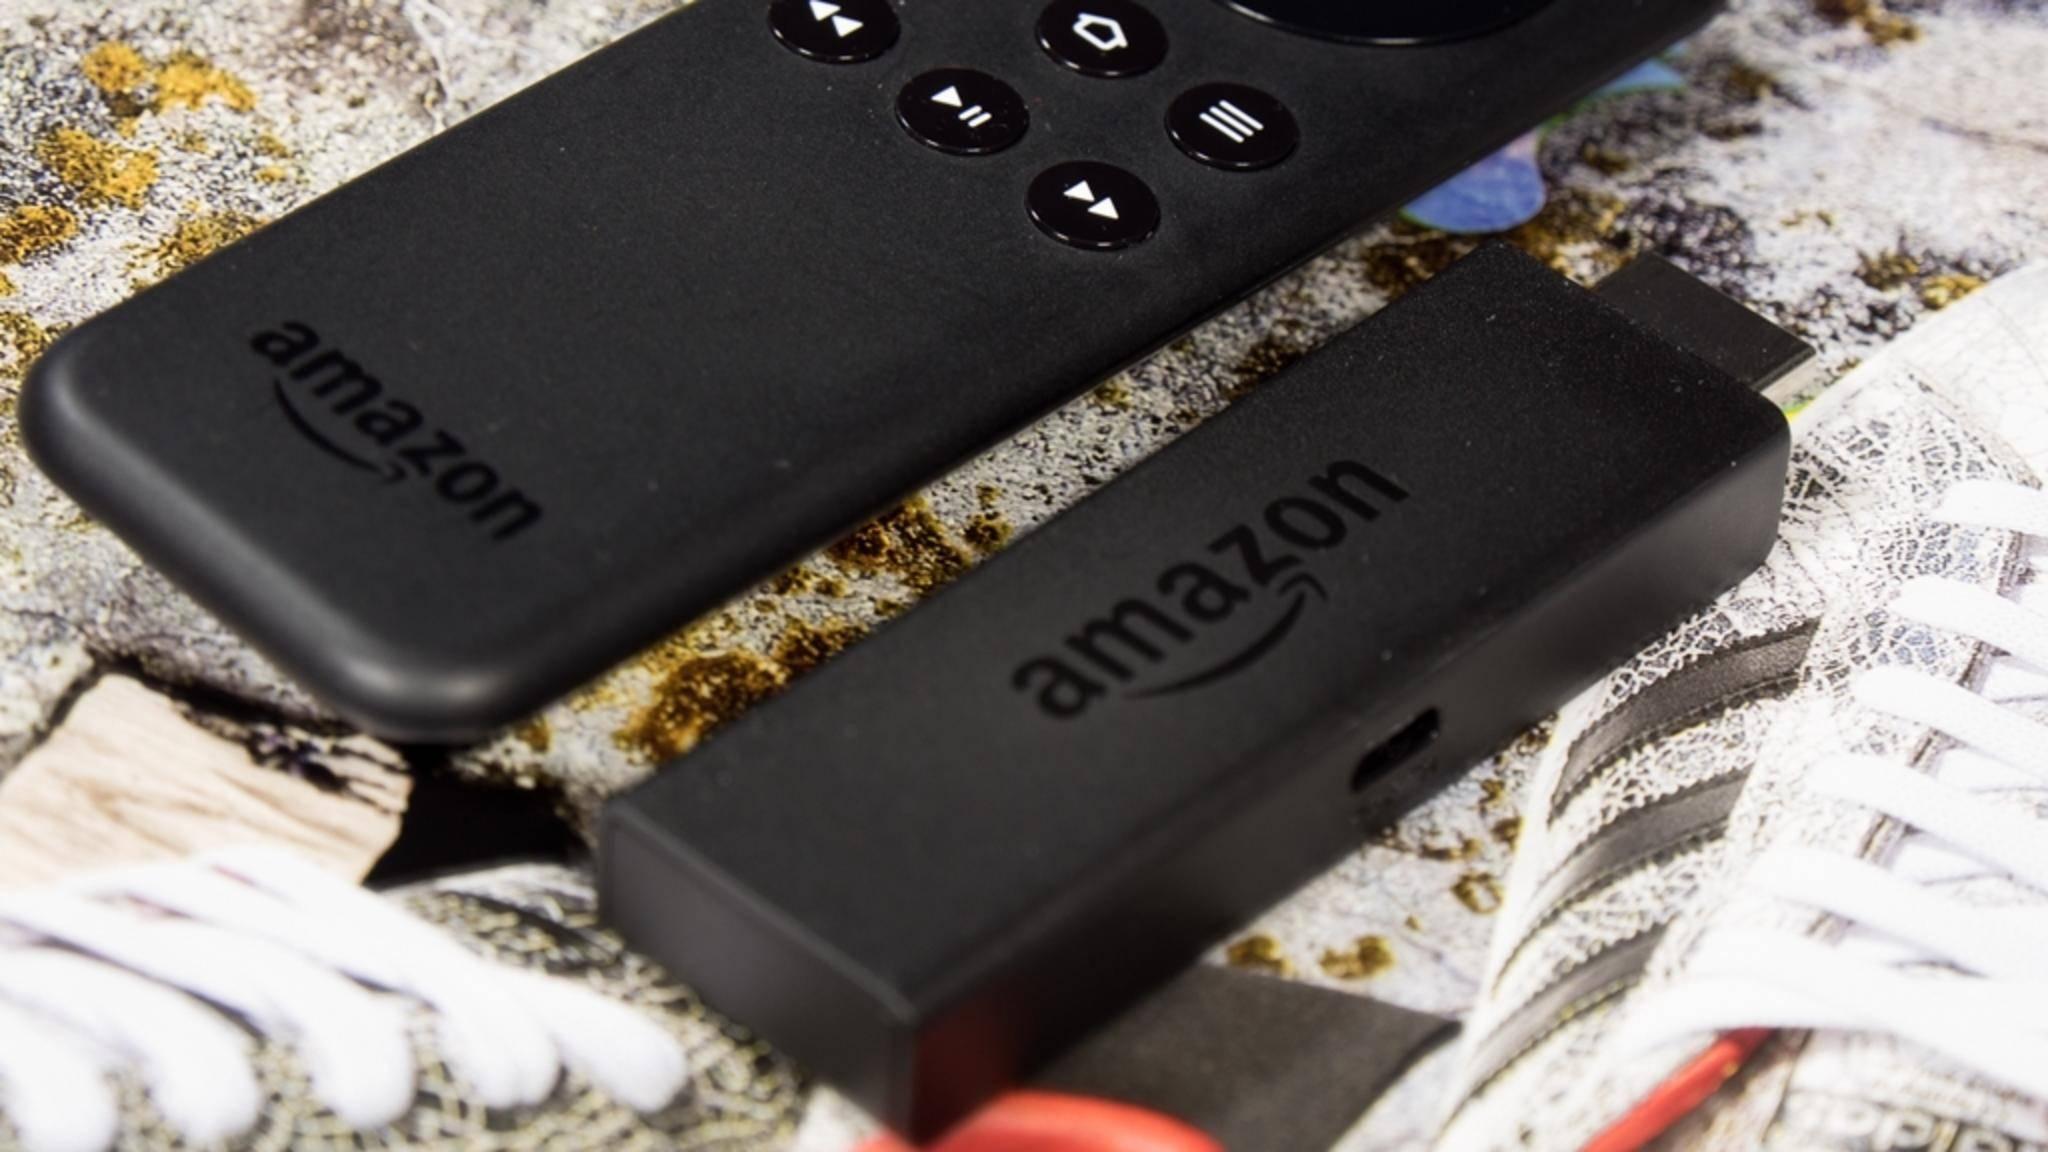 Der Amazon Fire TV Stick besitzt eine eigene Fernbedienung.